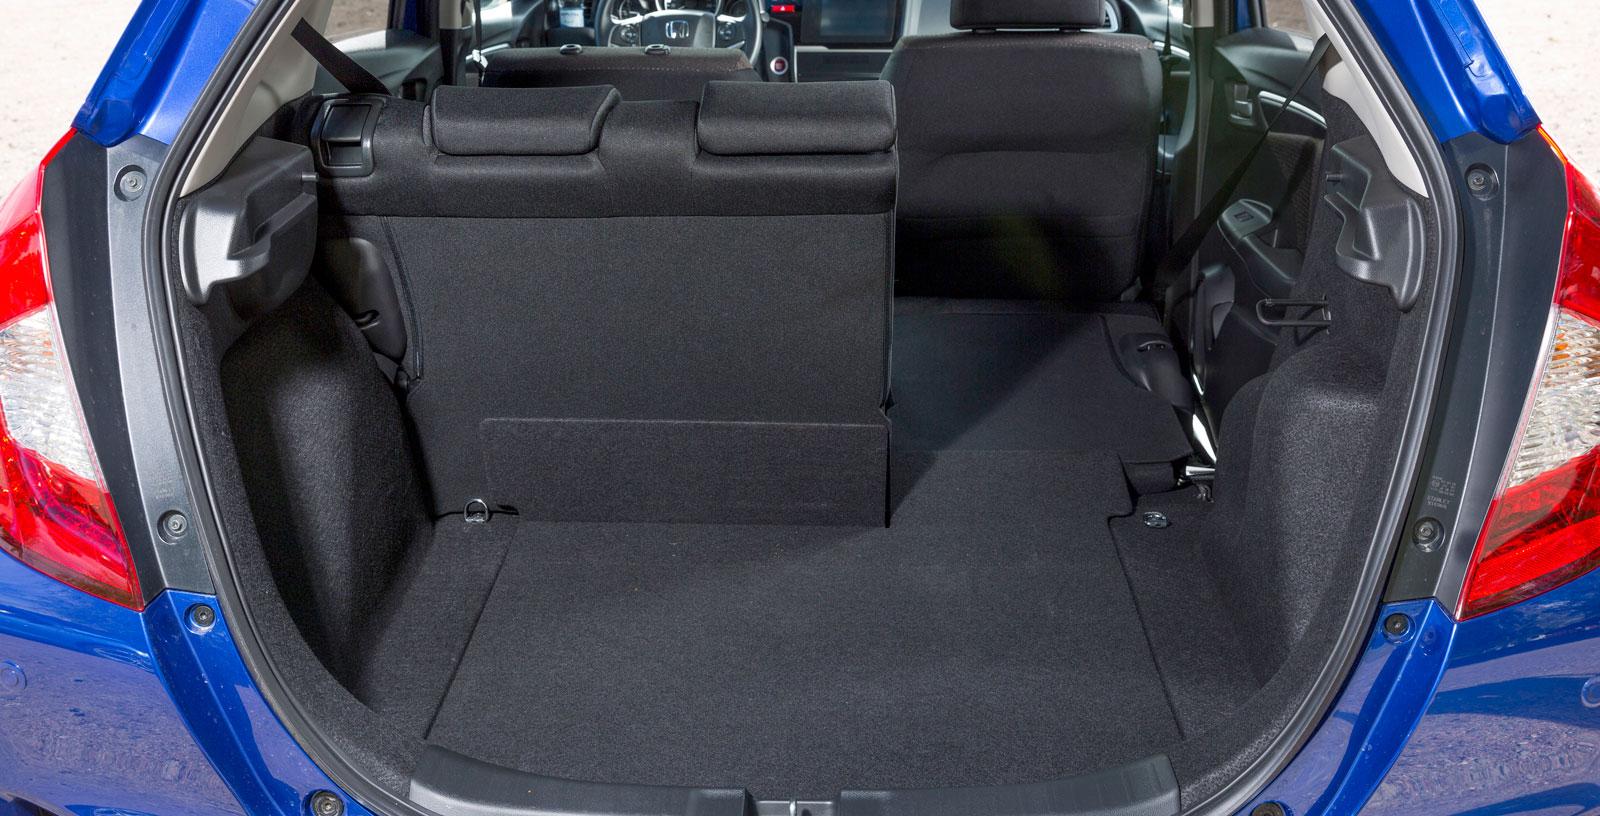 Ovanligt låg tröskel med ett bagagegolv nära backen. Baksätets sittdyna åker automatiskt ned vid fällning av ryggstödet. Det skapar ett platt golv med massor av lastutrymme.